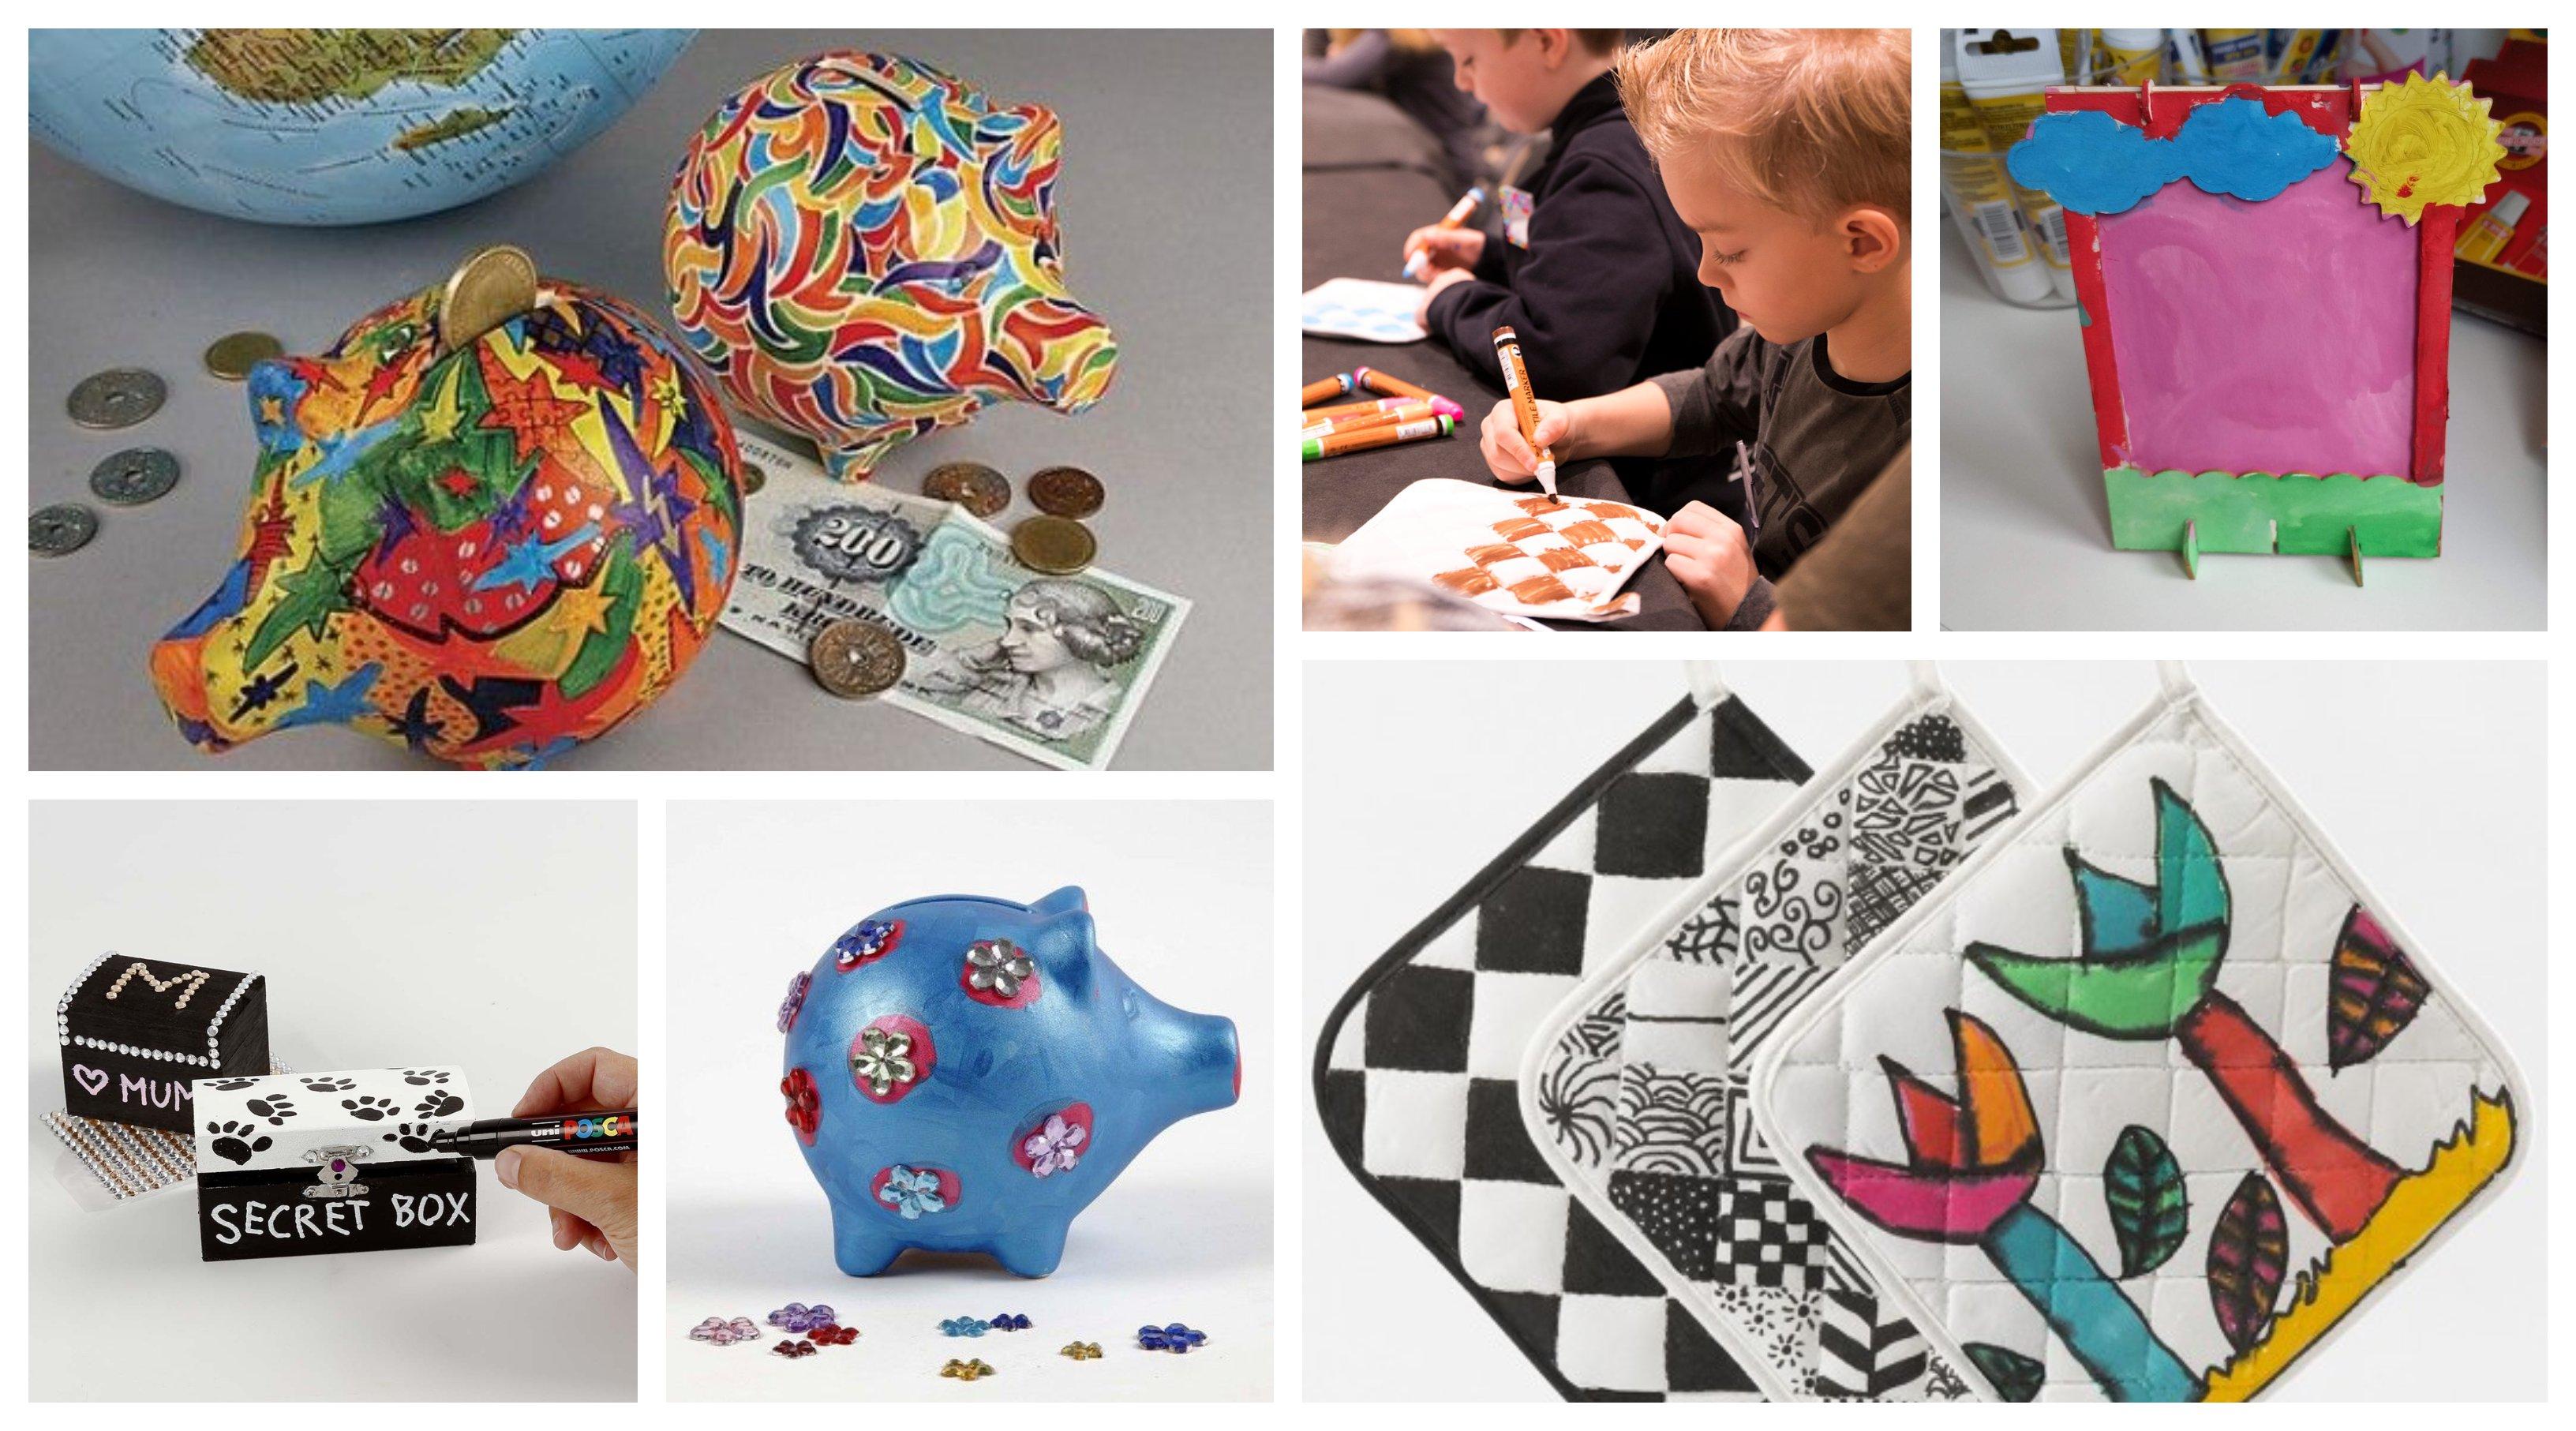 Pomysły Na Prezent Dla Babci I Dziadka Kreatywne Zabawy Z